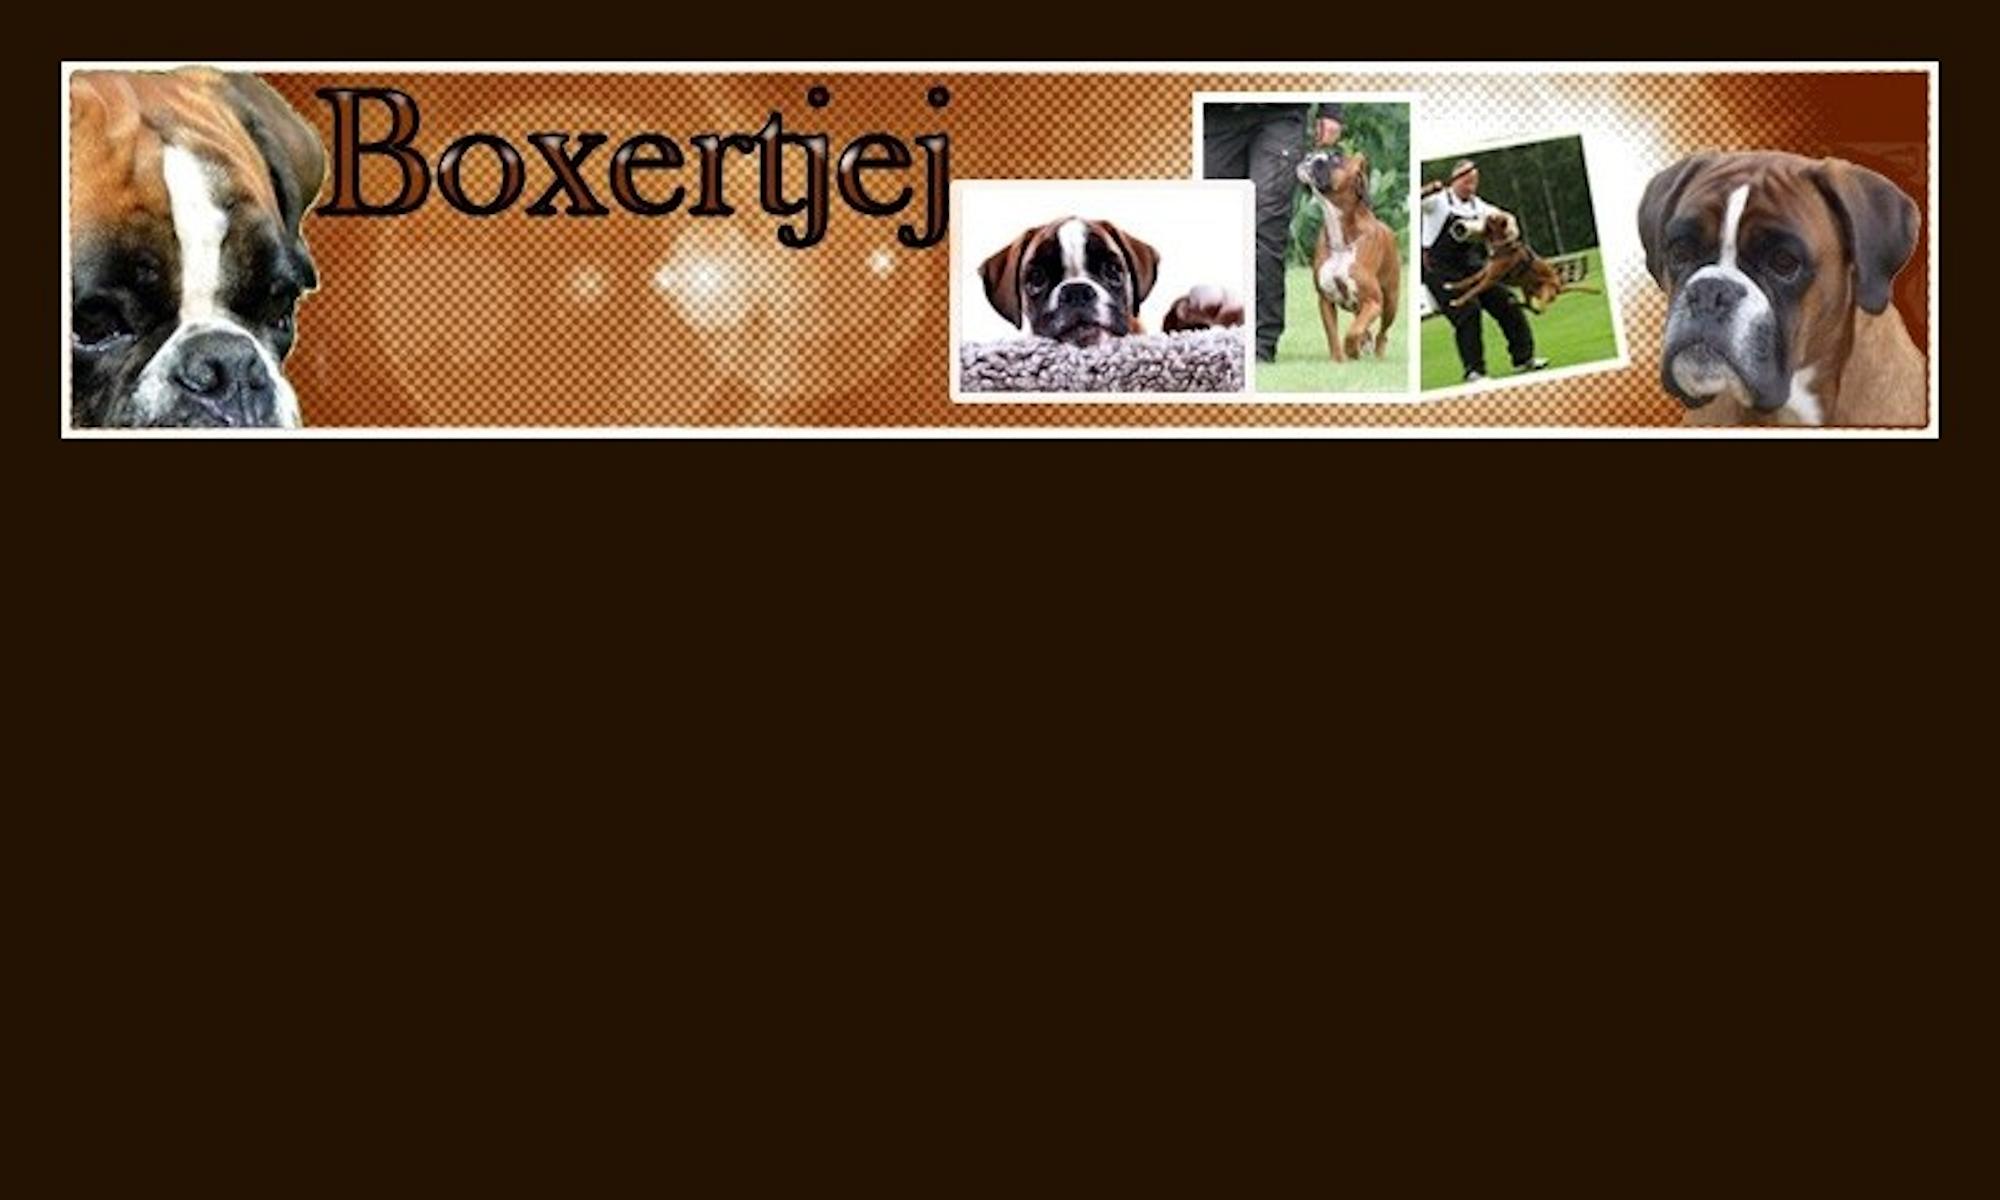 Välkommen till Boxertjej